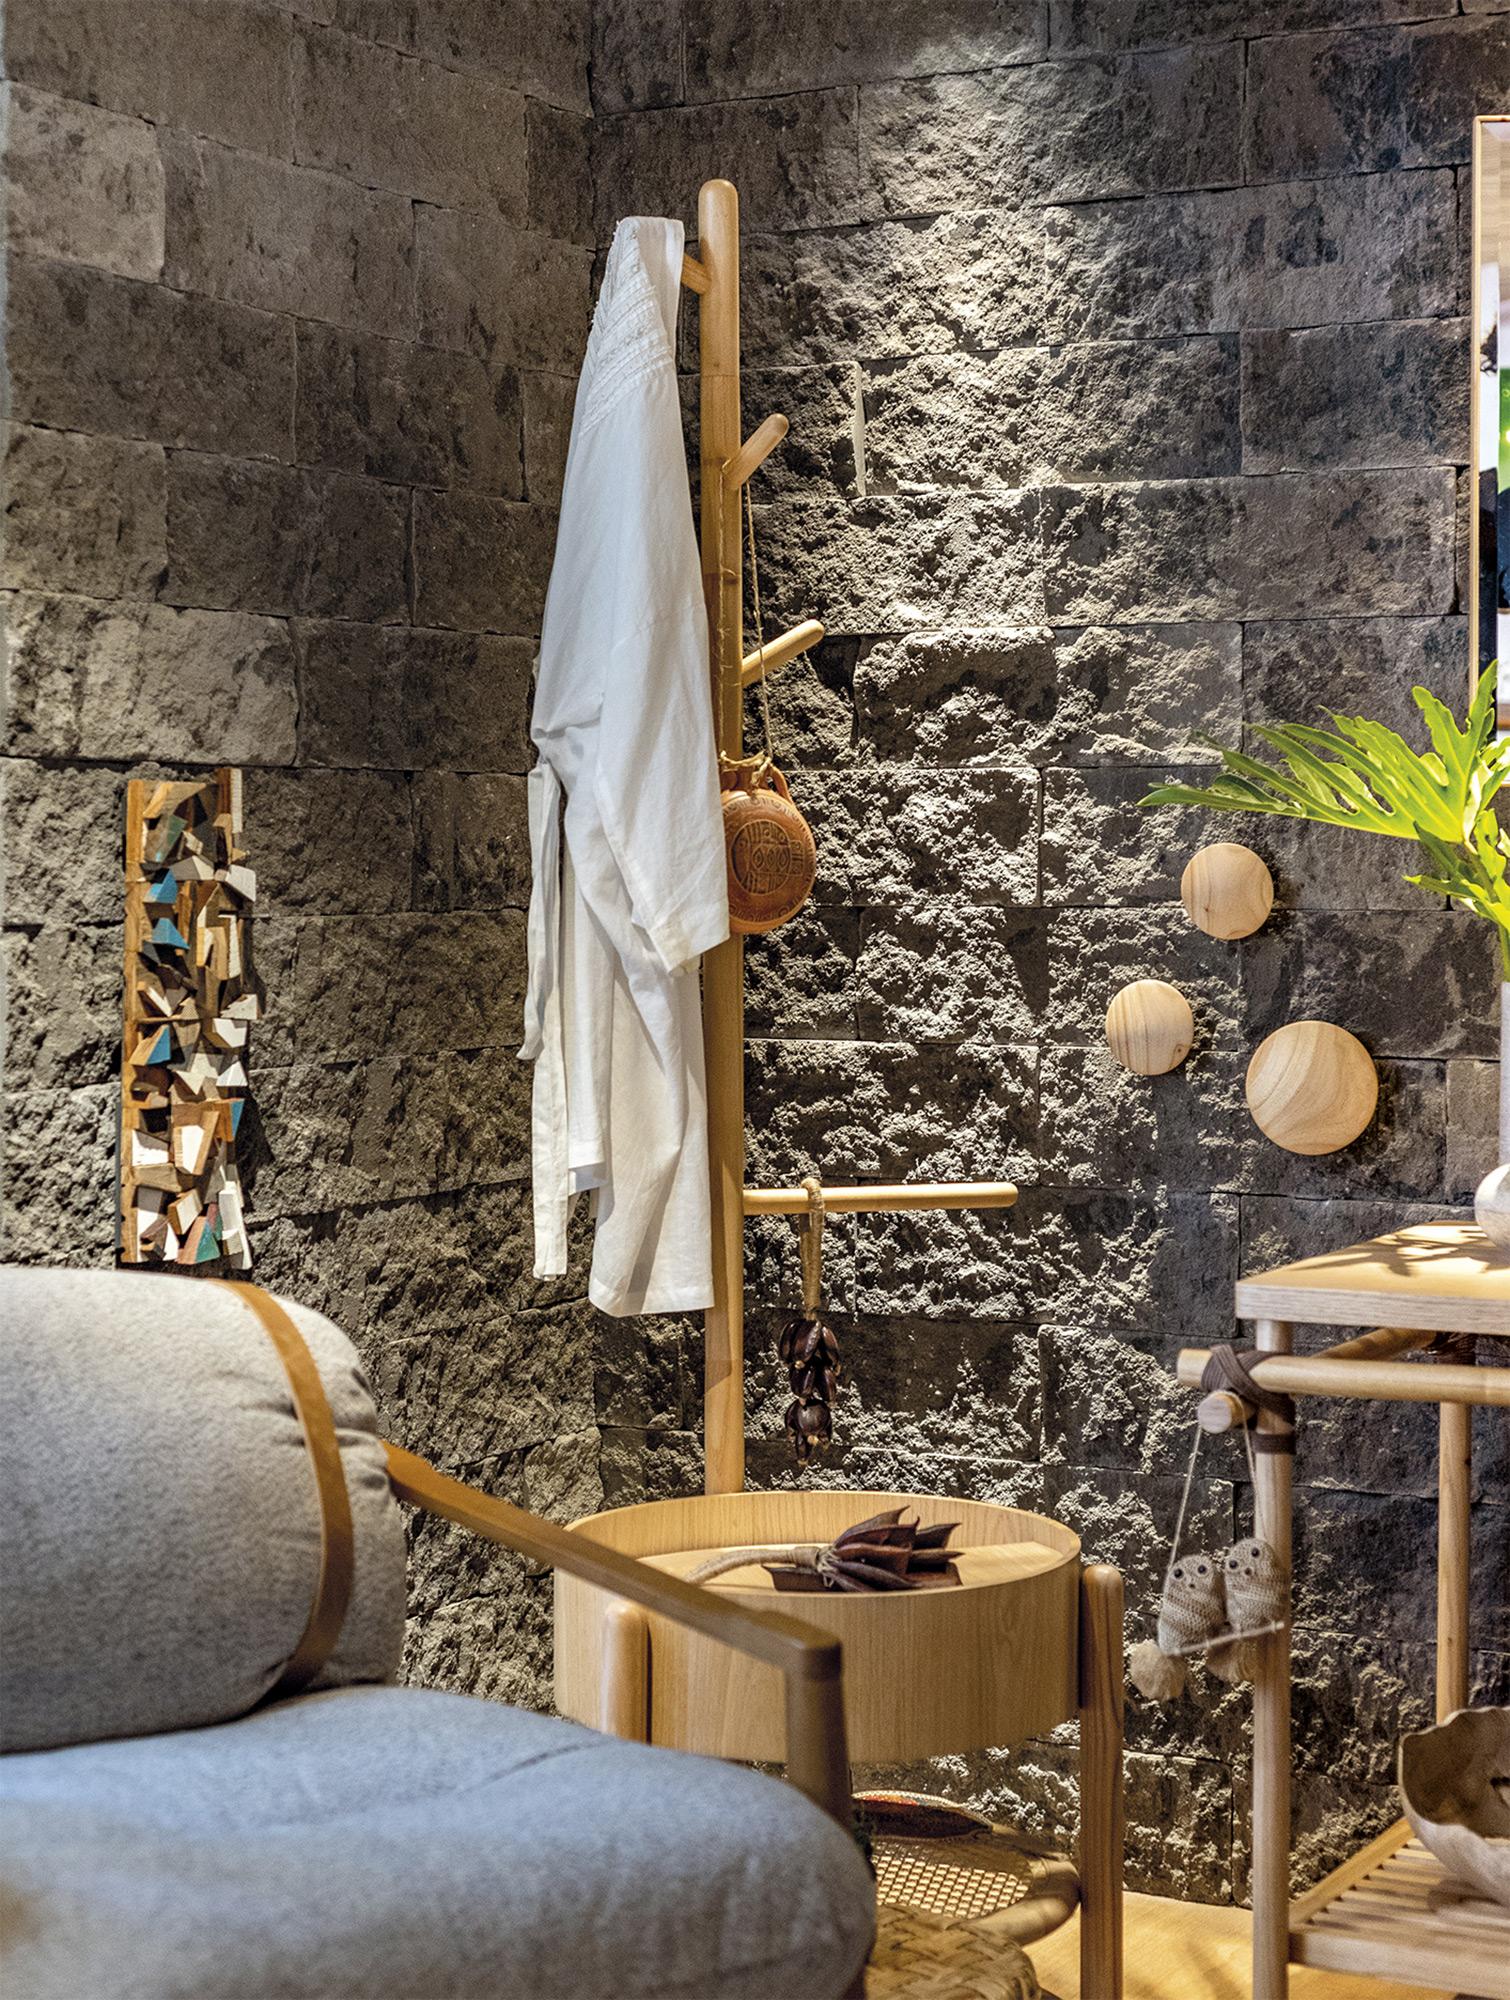 Ecobrick Stone Grigio - CasaCor RB 2018 - Arquiteta Cacau Ribeiro - Foto Favaro Jr.